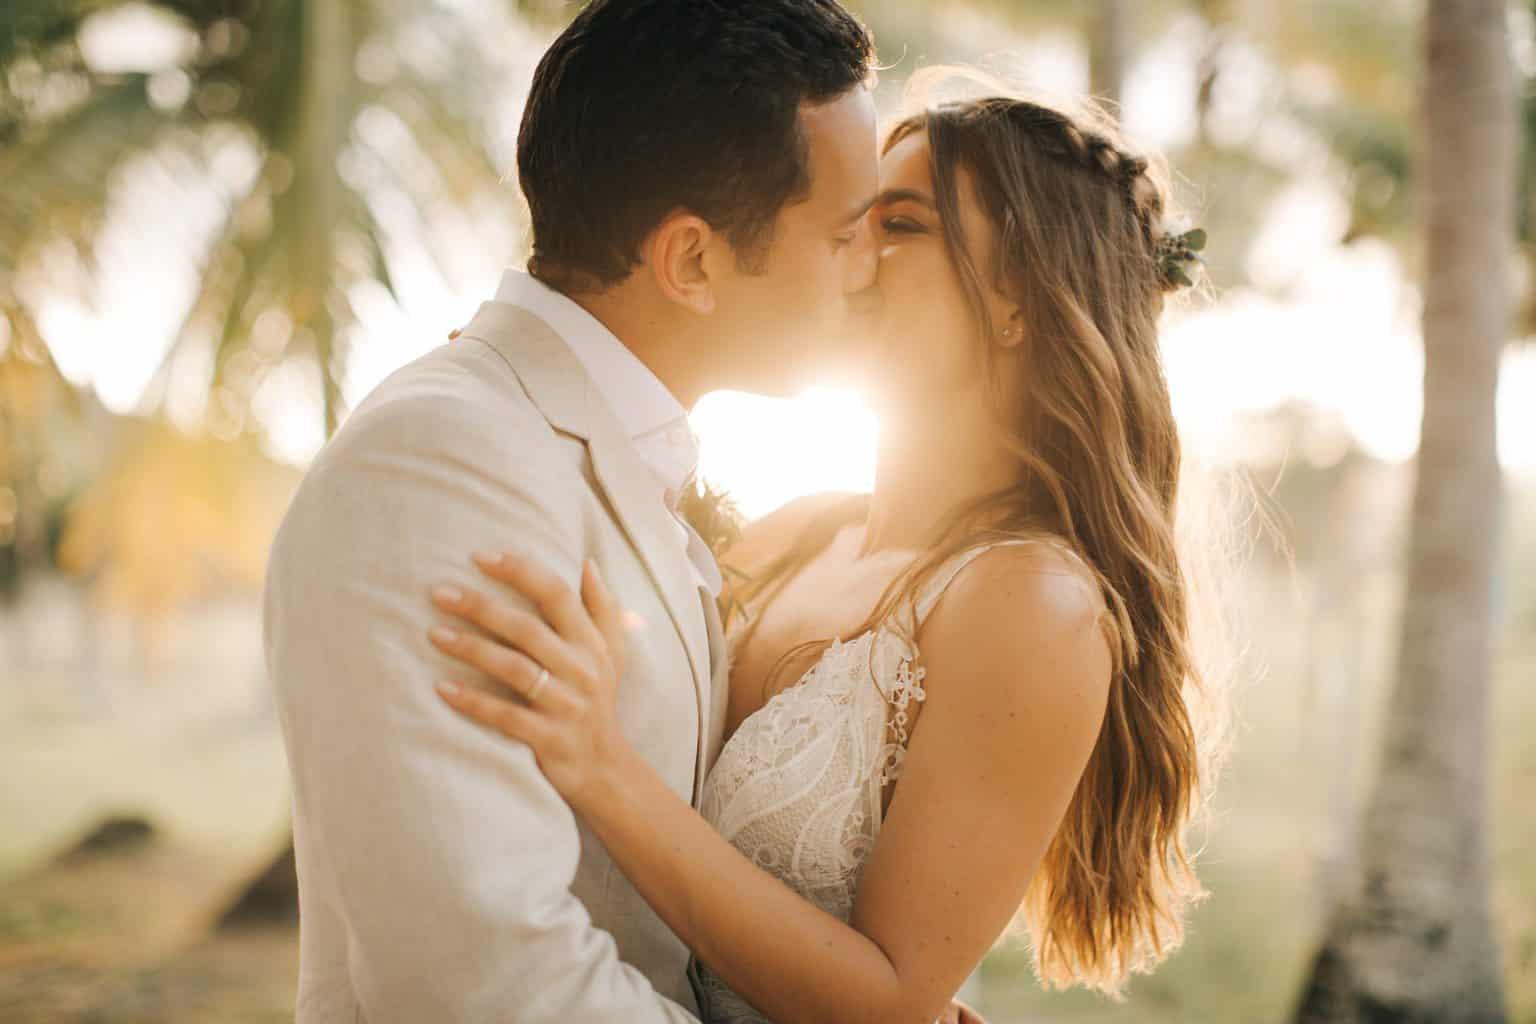 casamento-Danielle-e-Guilherme-aloha-fotografia-caseme-109